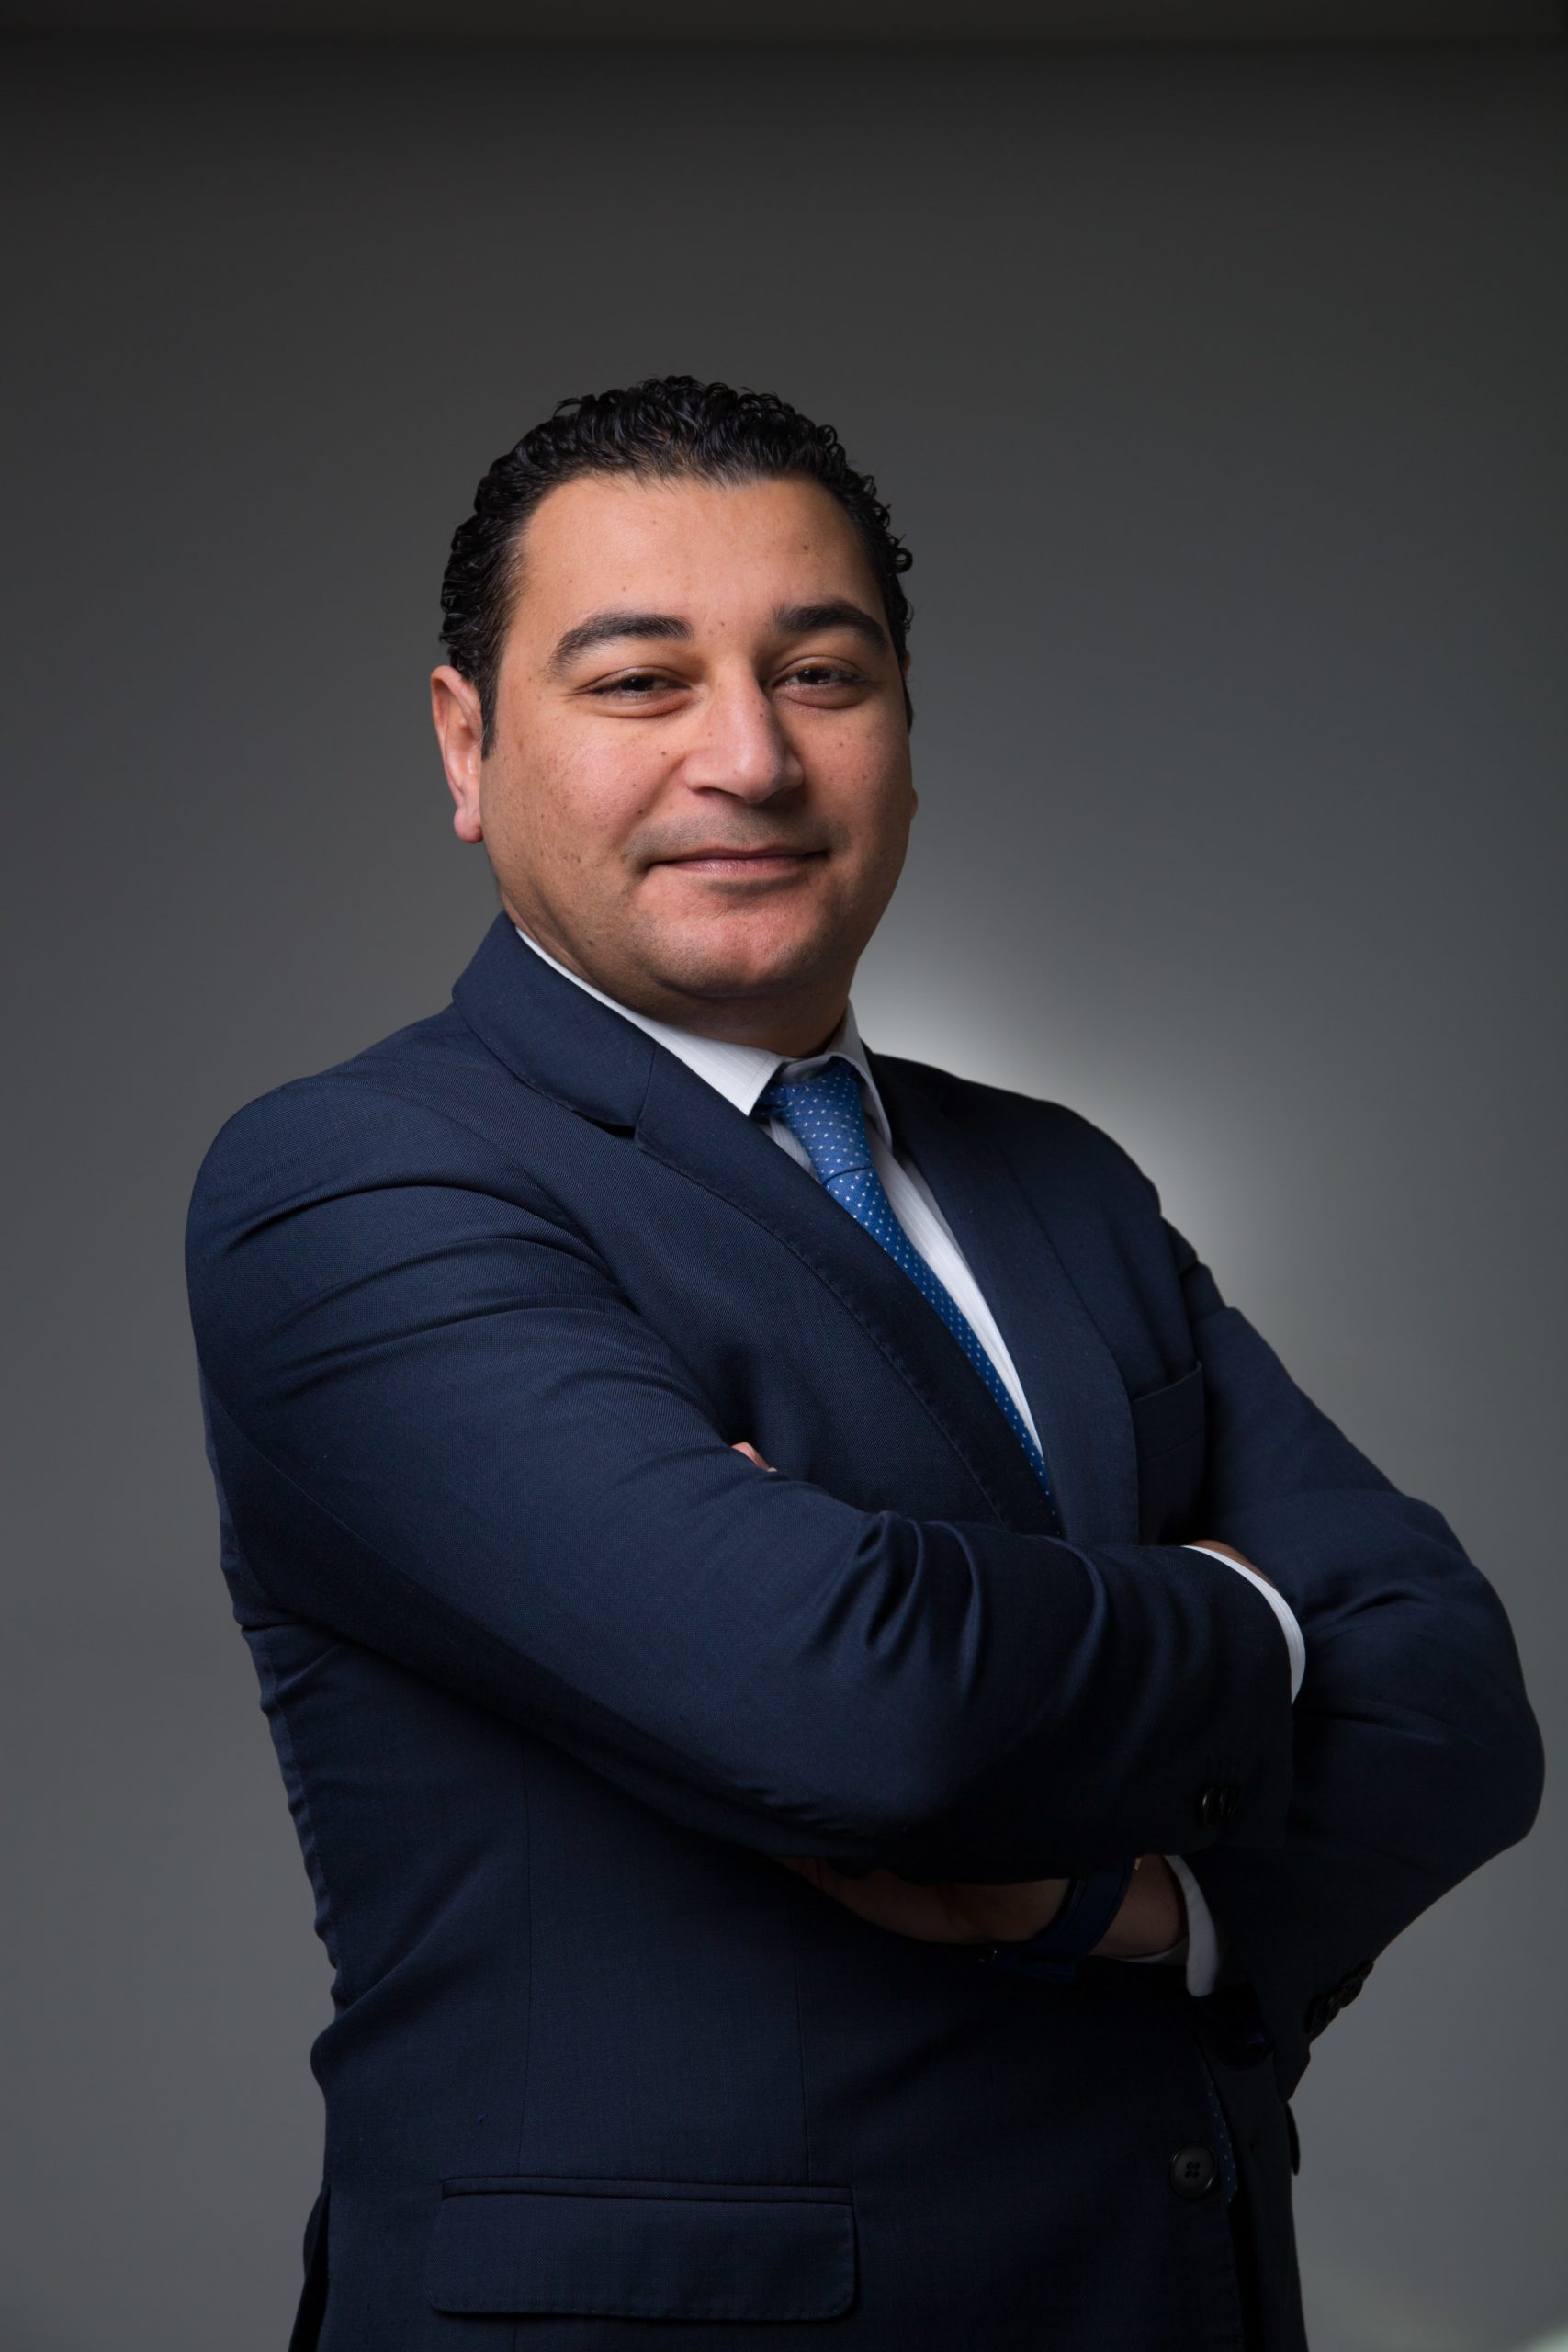 Mehdi Zaoui